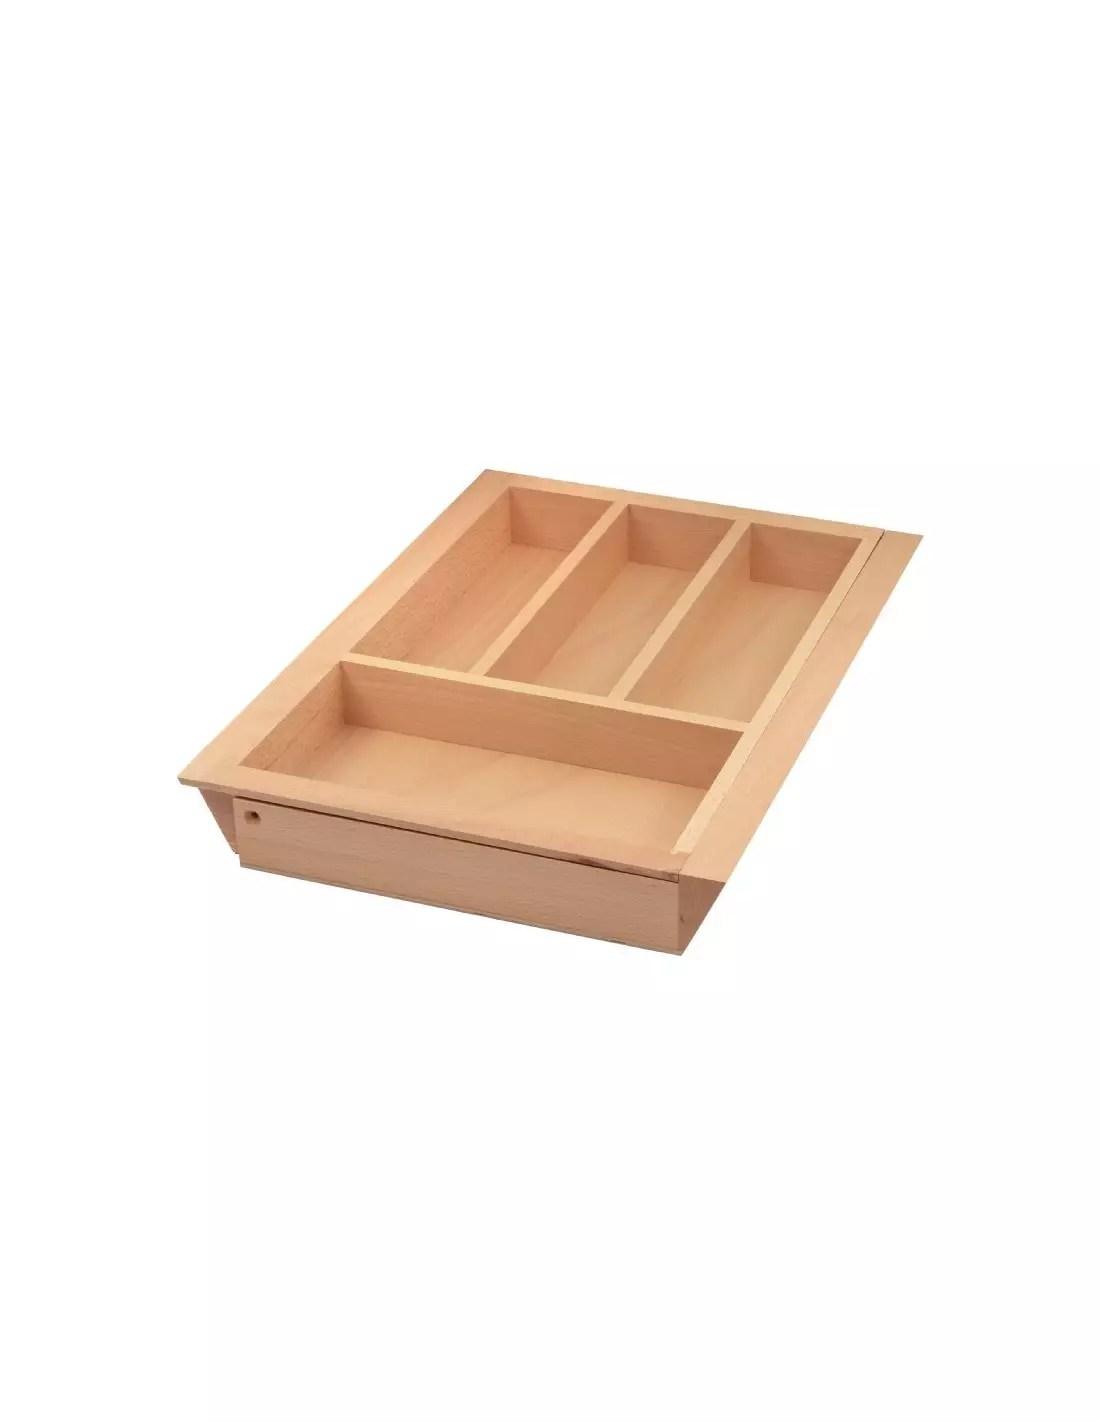 range couverts en bois extensible organisateur de tiroir de cuisine dimension 400 600mm